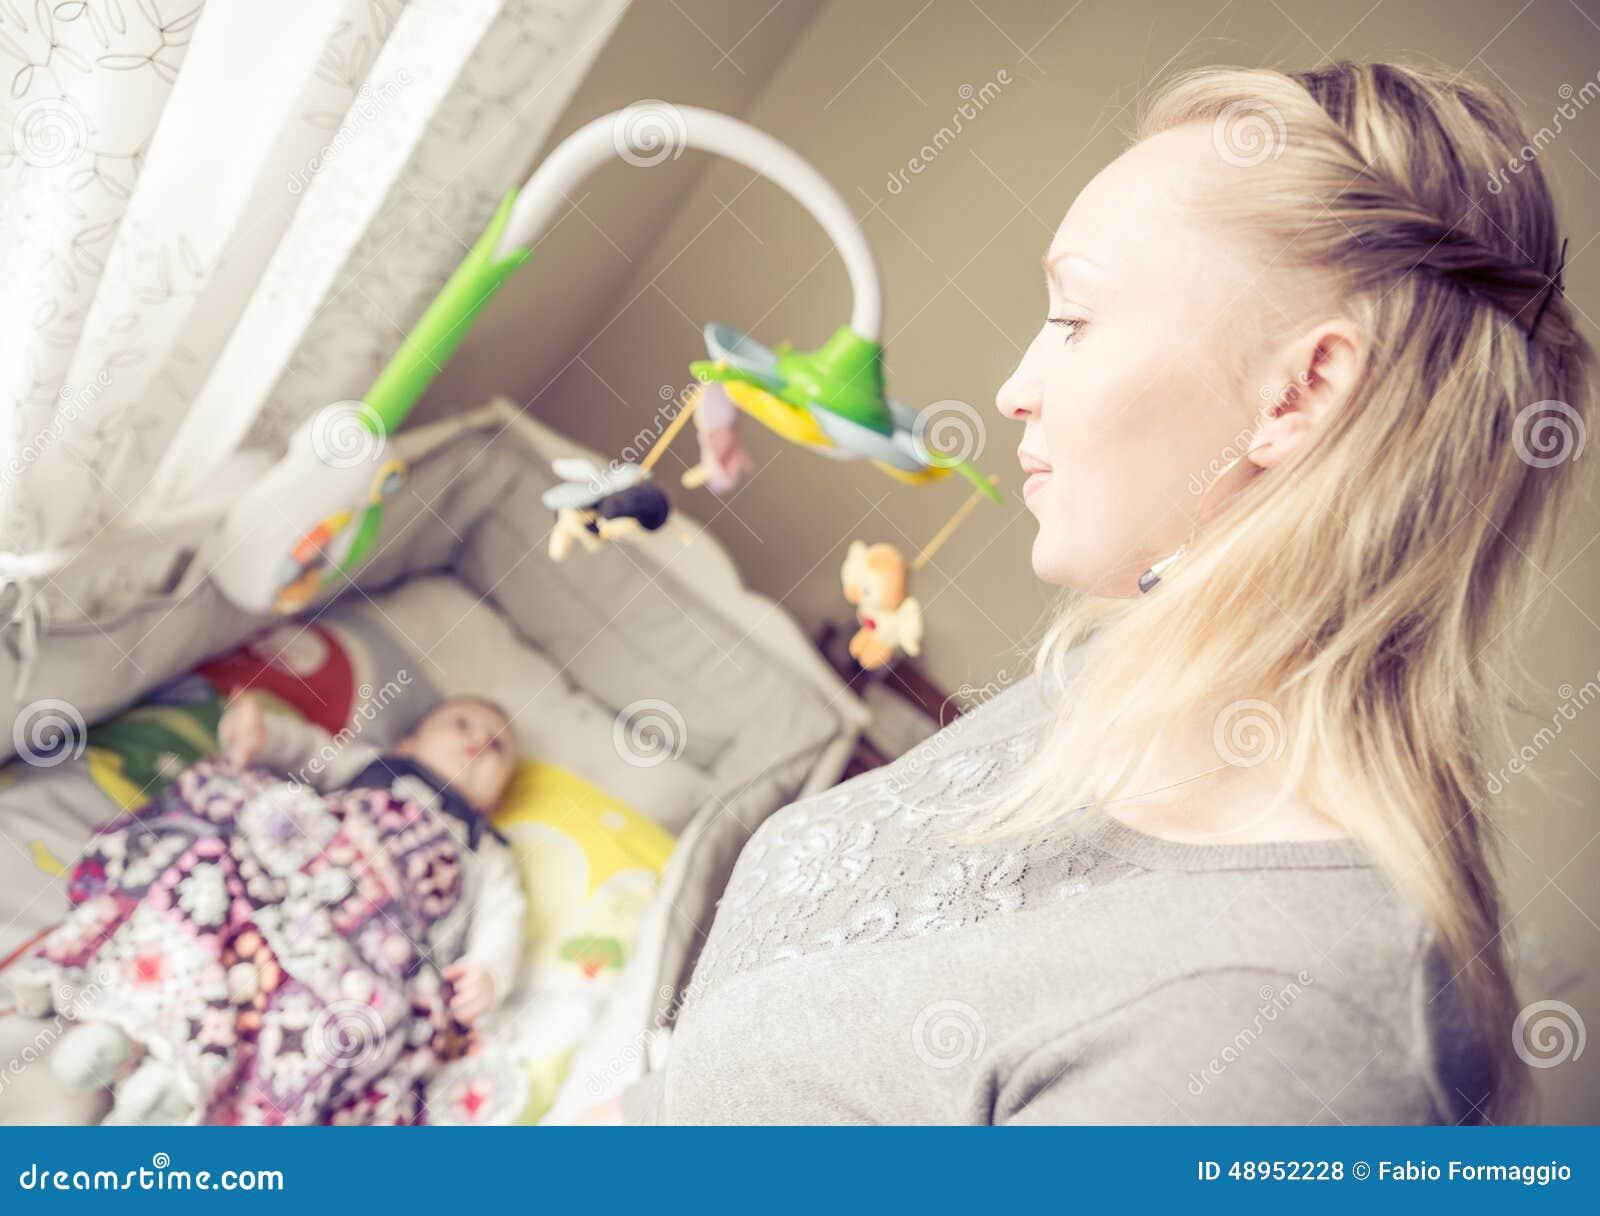 Сын смотрит как маму 13 фотография